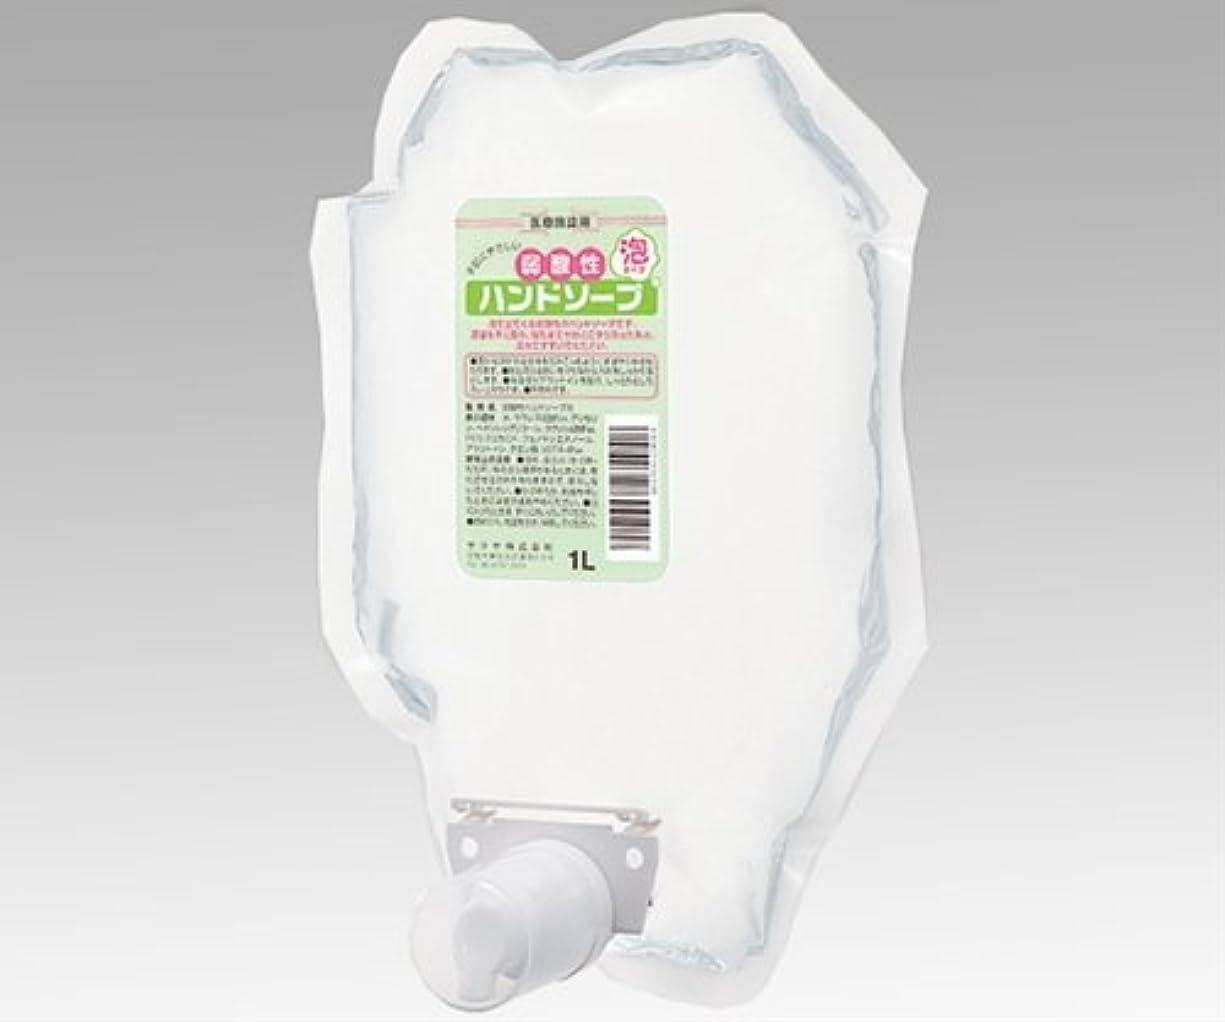 ロードブロッキング量で妊娠したサラヤ 弱酸性ハンドソープ 泡タイプ / 0-8762-07